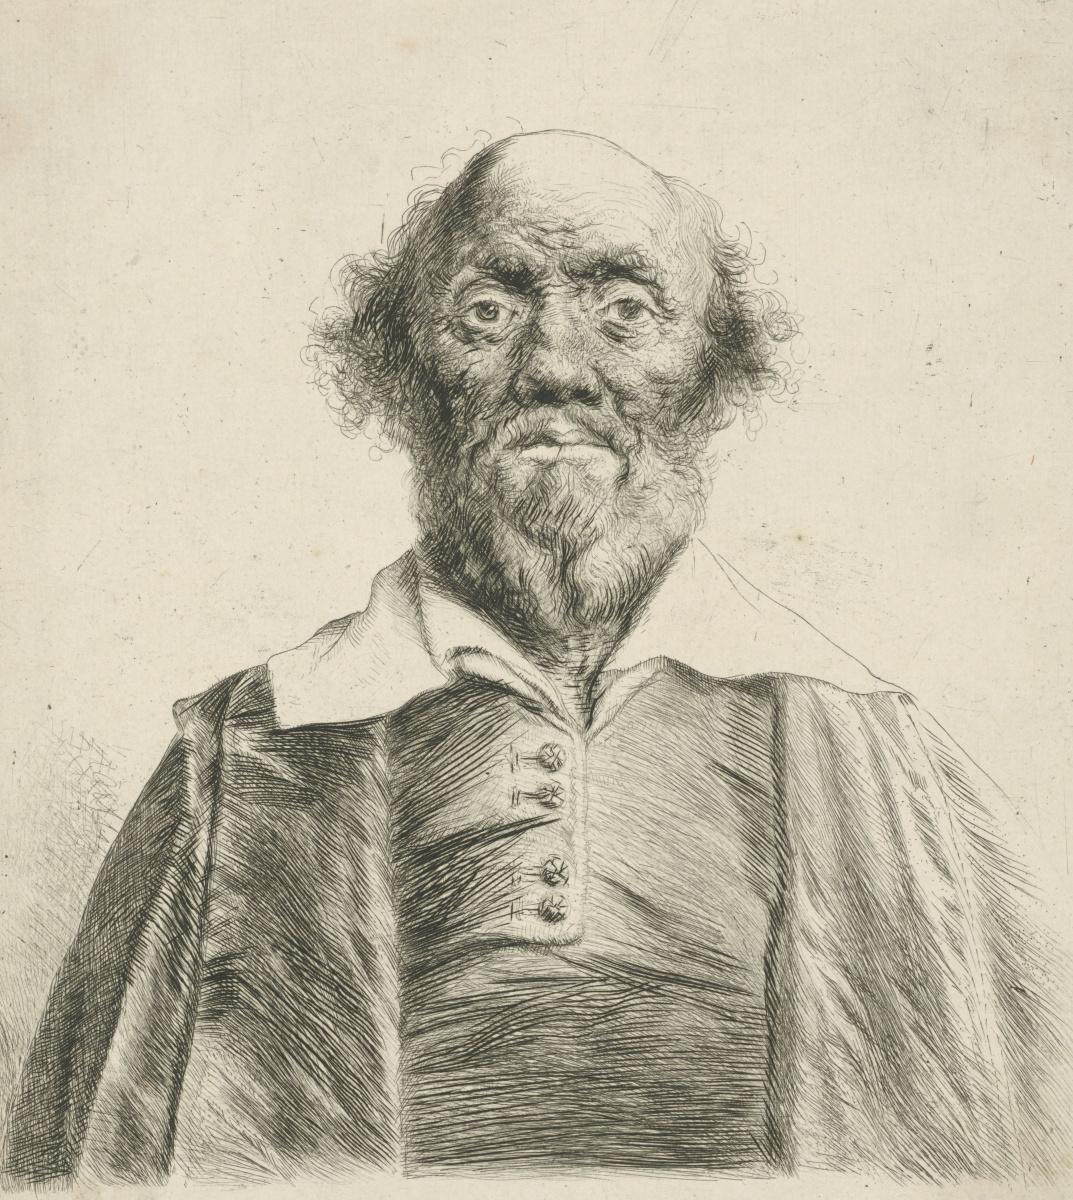 Ян Ливенс. Портрет пожилого мужчины в сюртуке